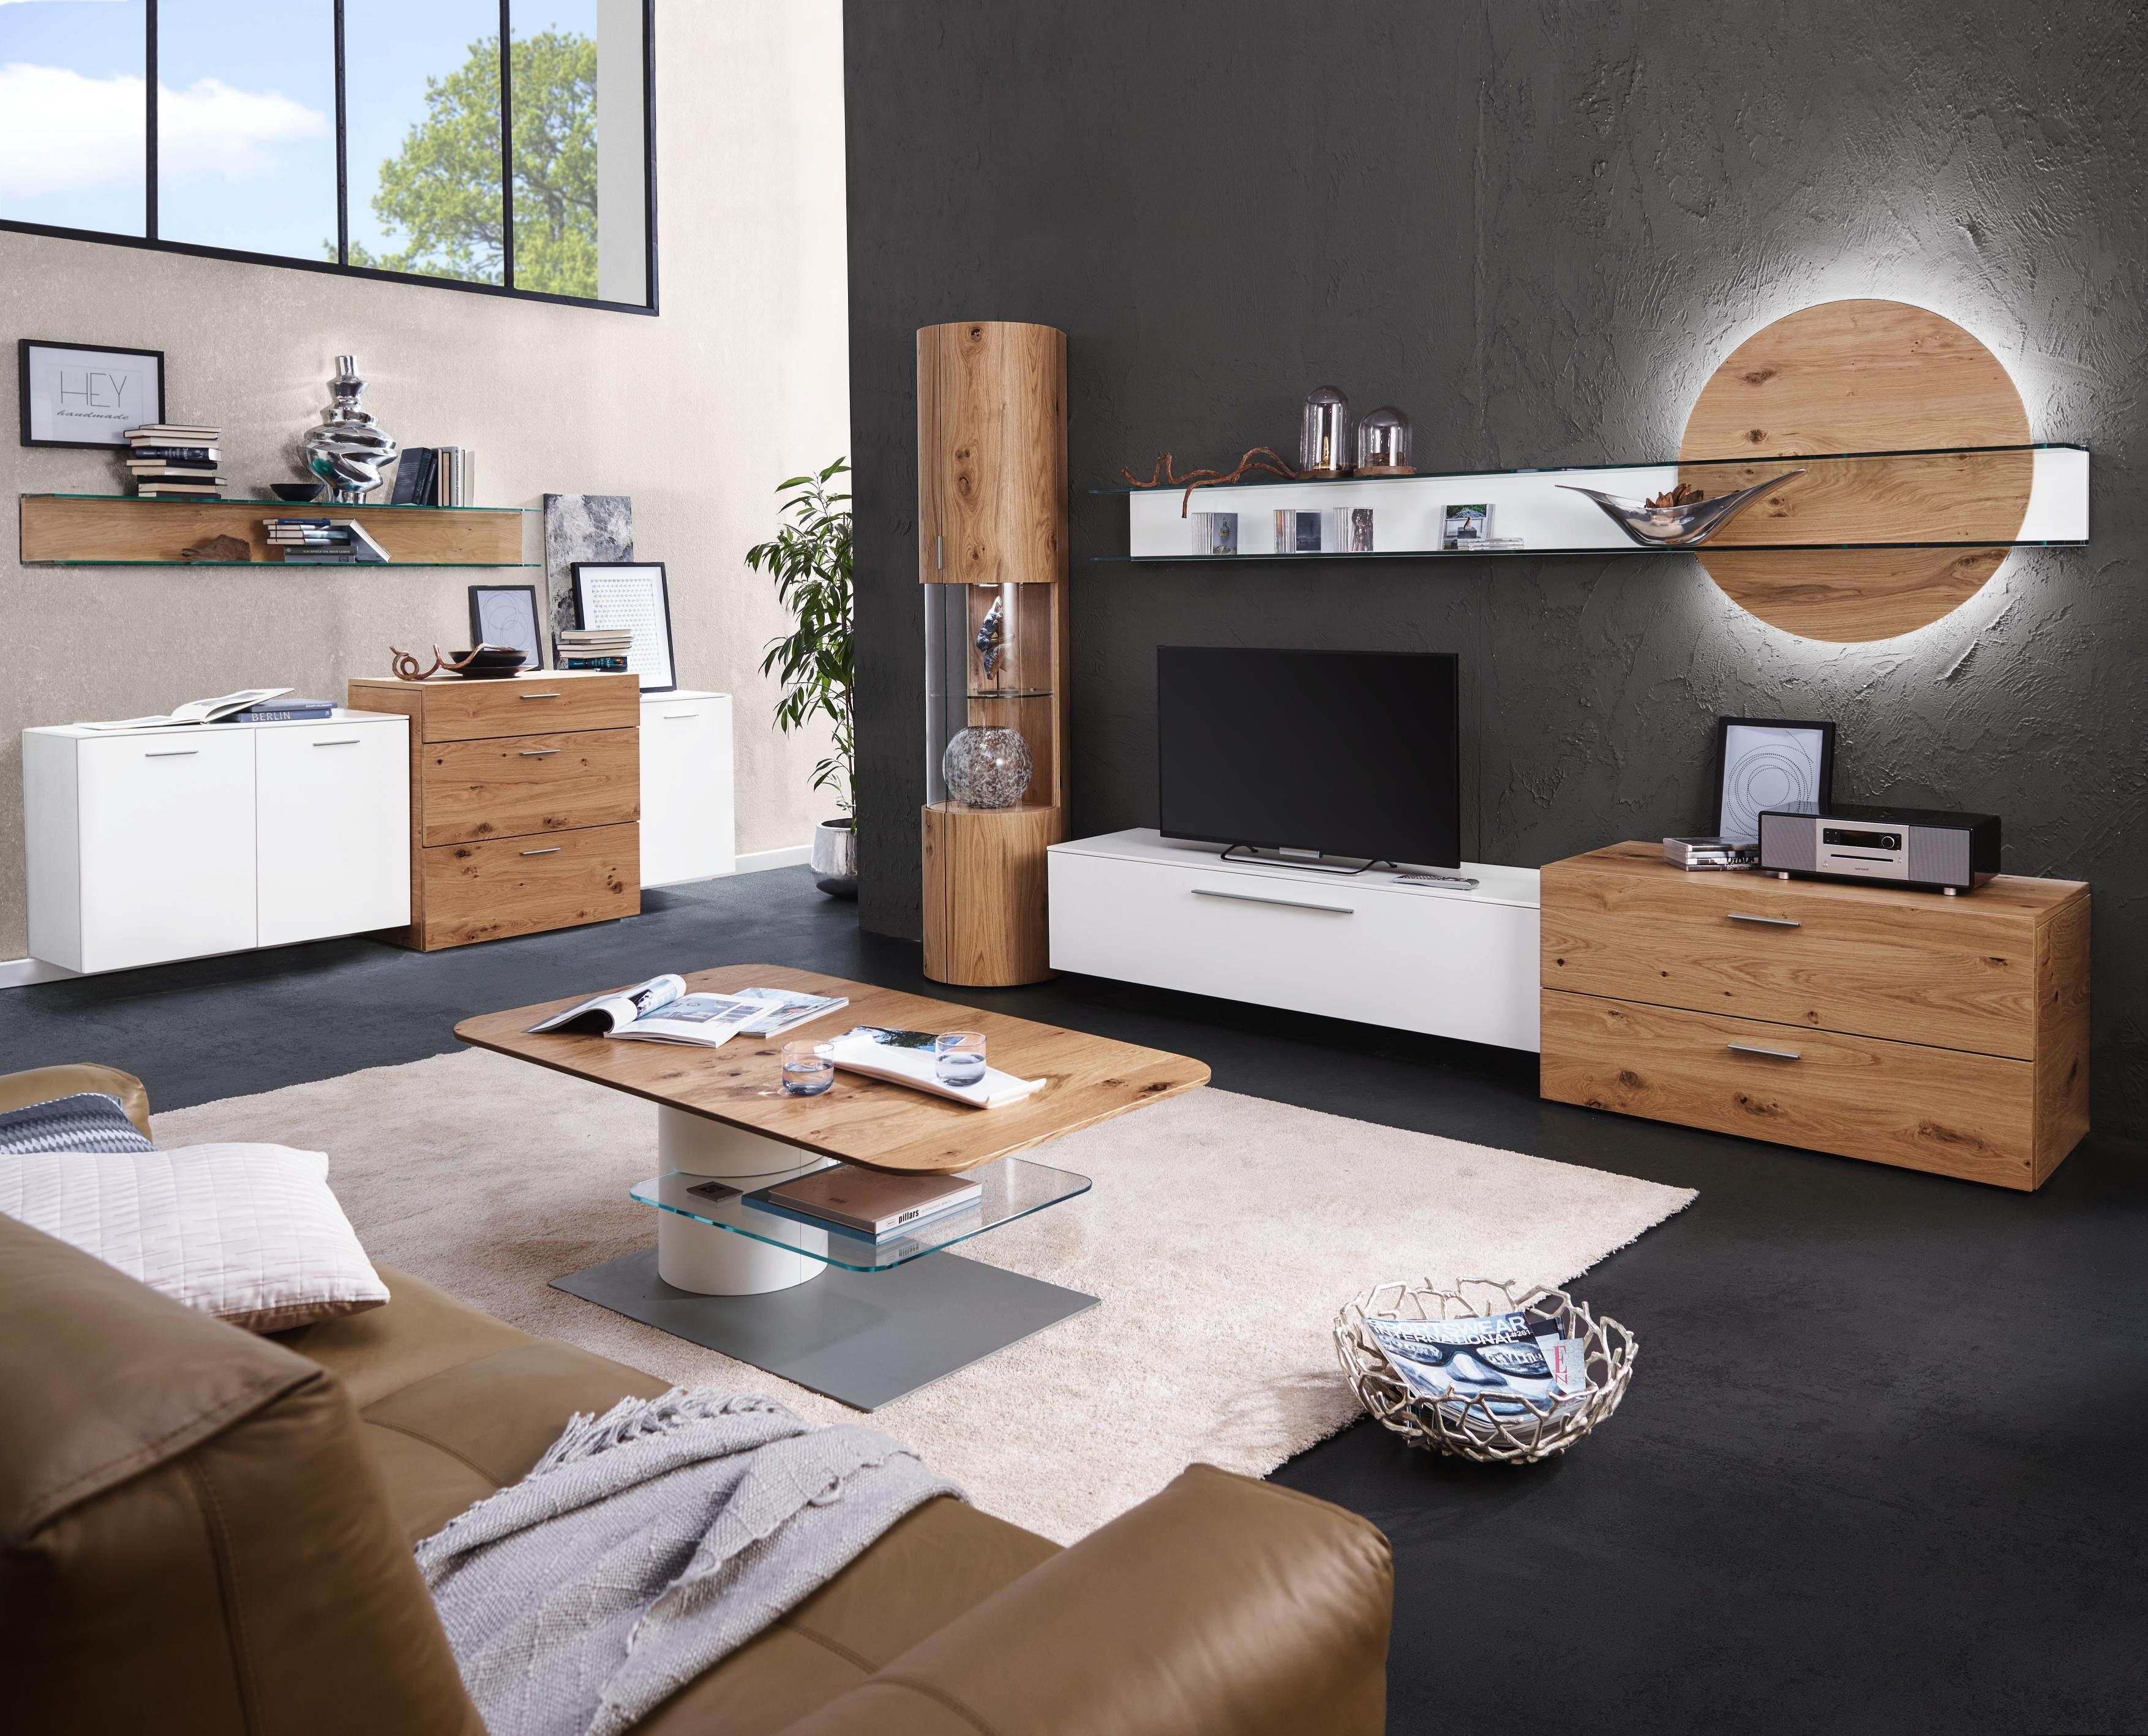 Luxuriose Wohnwand Von Ambiente By Hulsta Premiumqualitat Fur